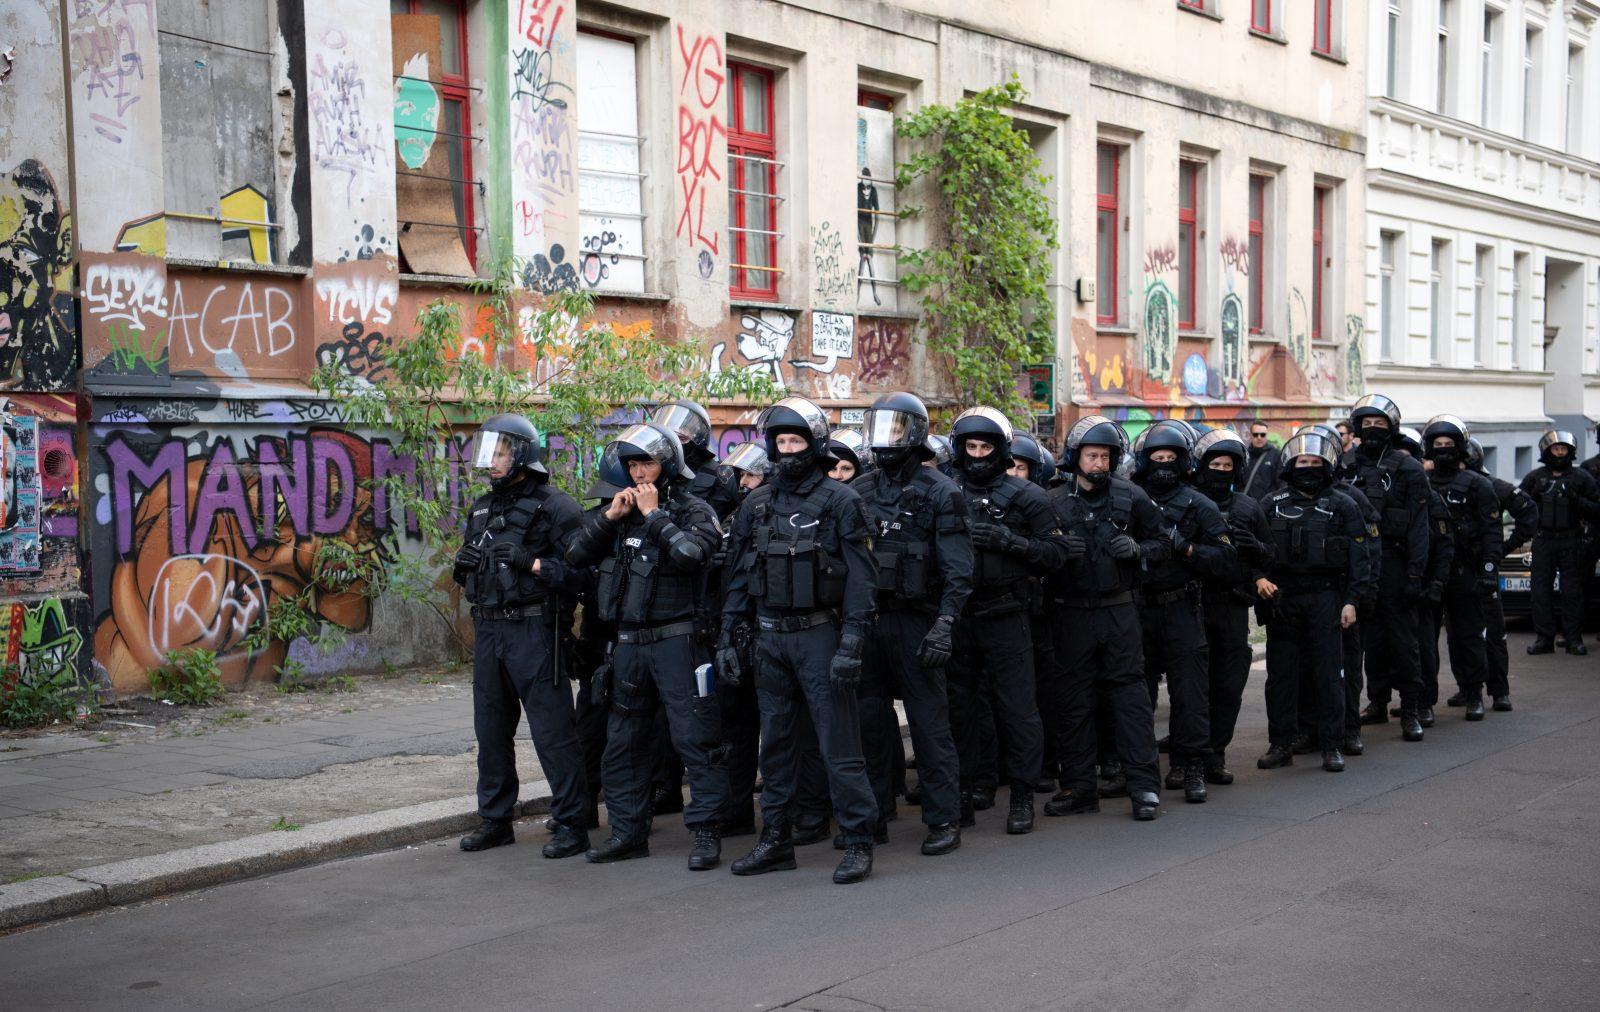 Polizisten in Berlin am Rande einer 1. Mai-Demo: Die Debatte über Angriffe auf Polizisten läuft Foto: picture alliance/Ralf Hirschberger/dpa